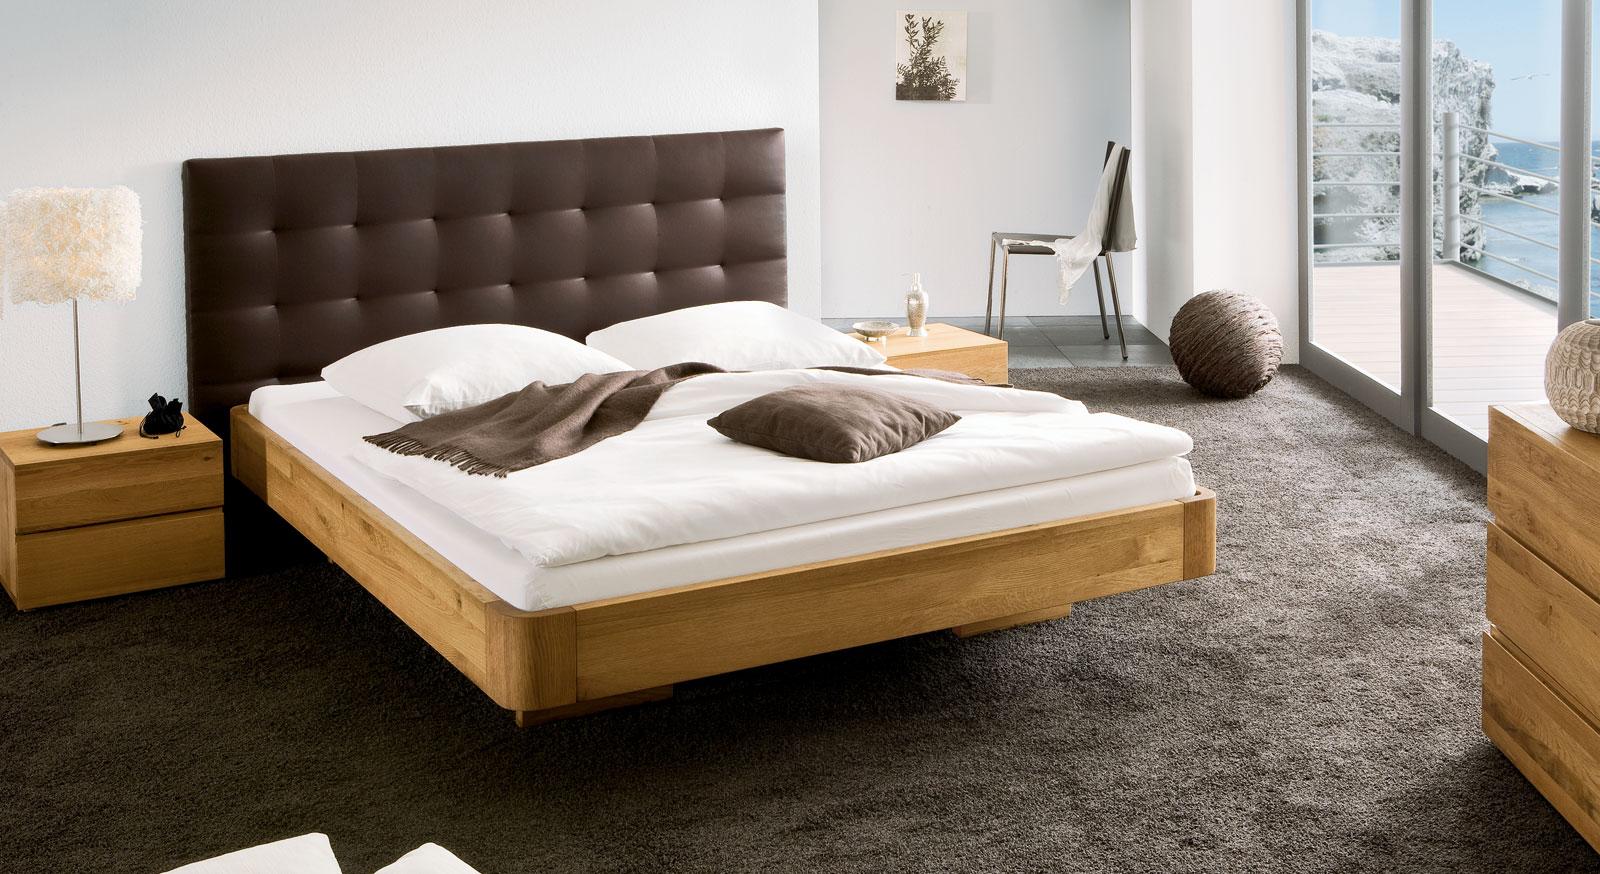 Full Size of Bett Schwebende Optik Aus Eiche Natur Behandelt Panama Betten 90x200 100x200 Esstische Massiv Massiver Esstisch Weiß Ausziehbar Amerikanische Gebrauchte Holz Bett Massiv Betten